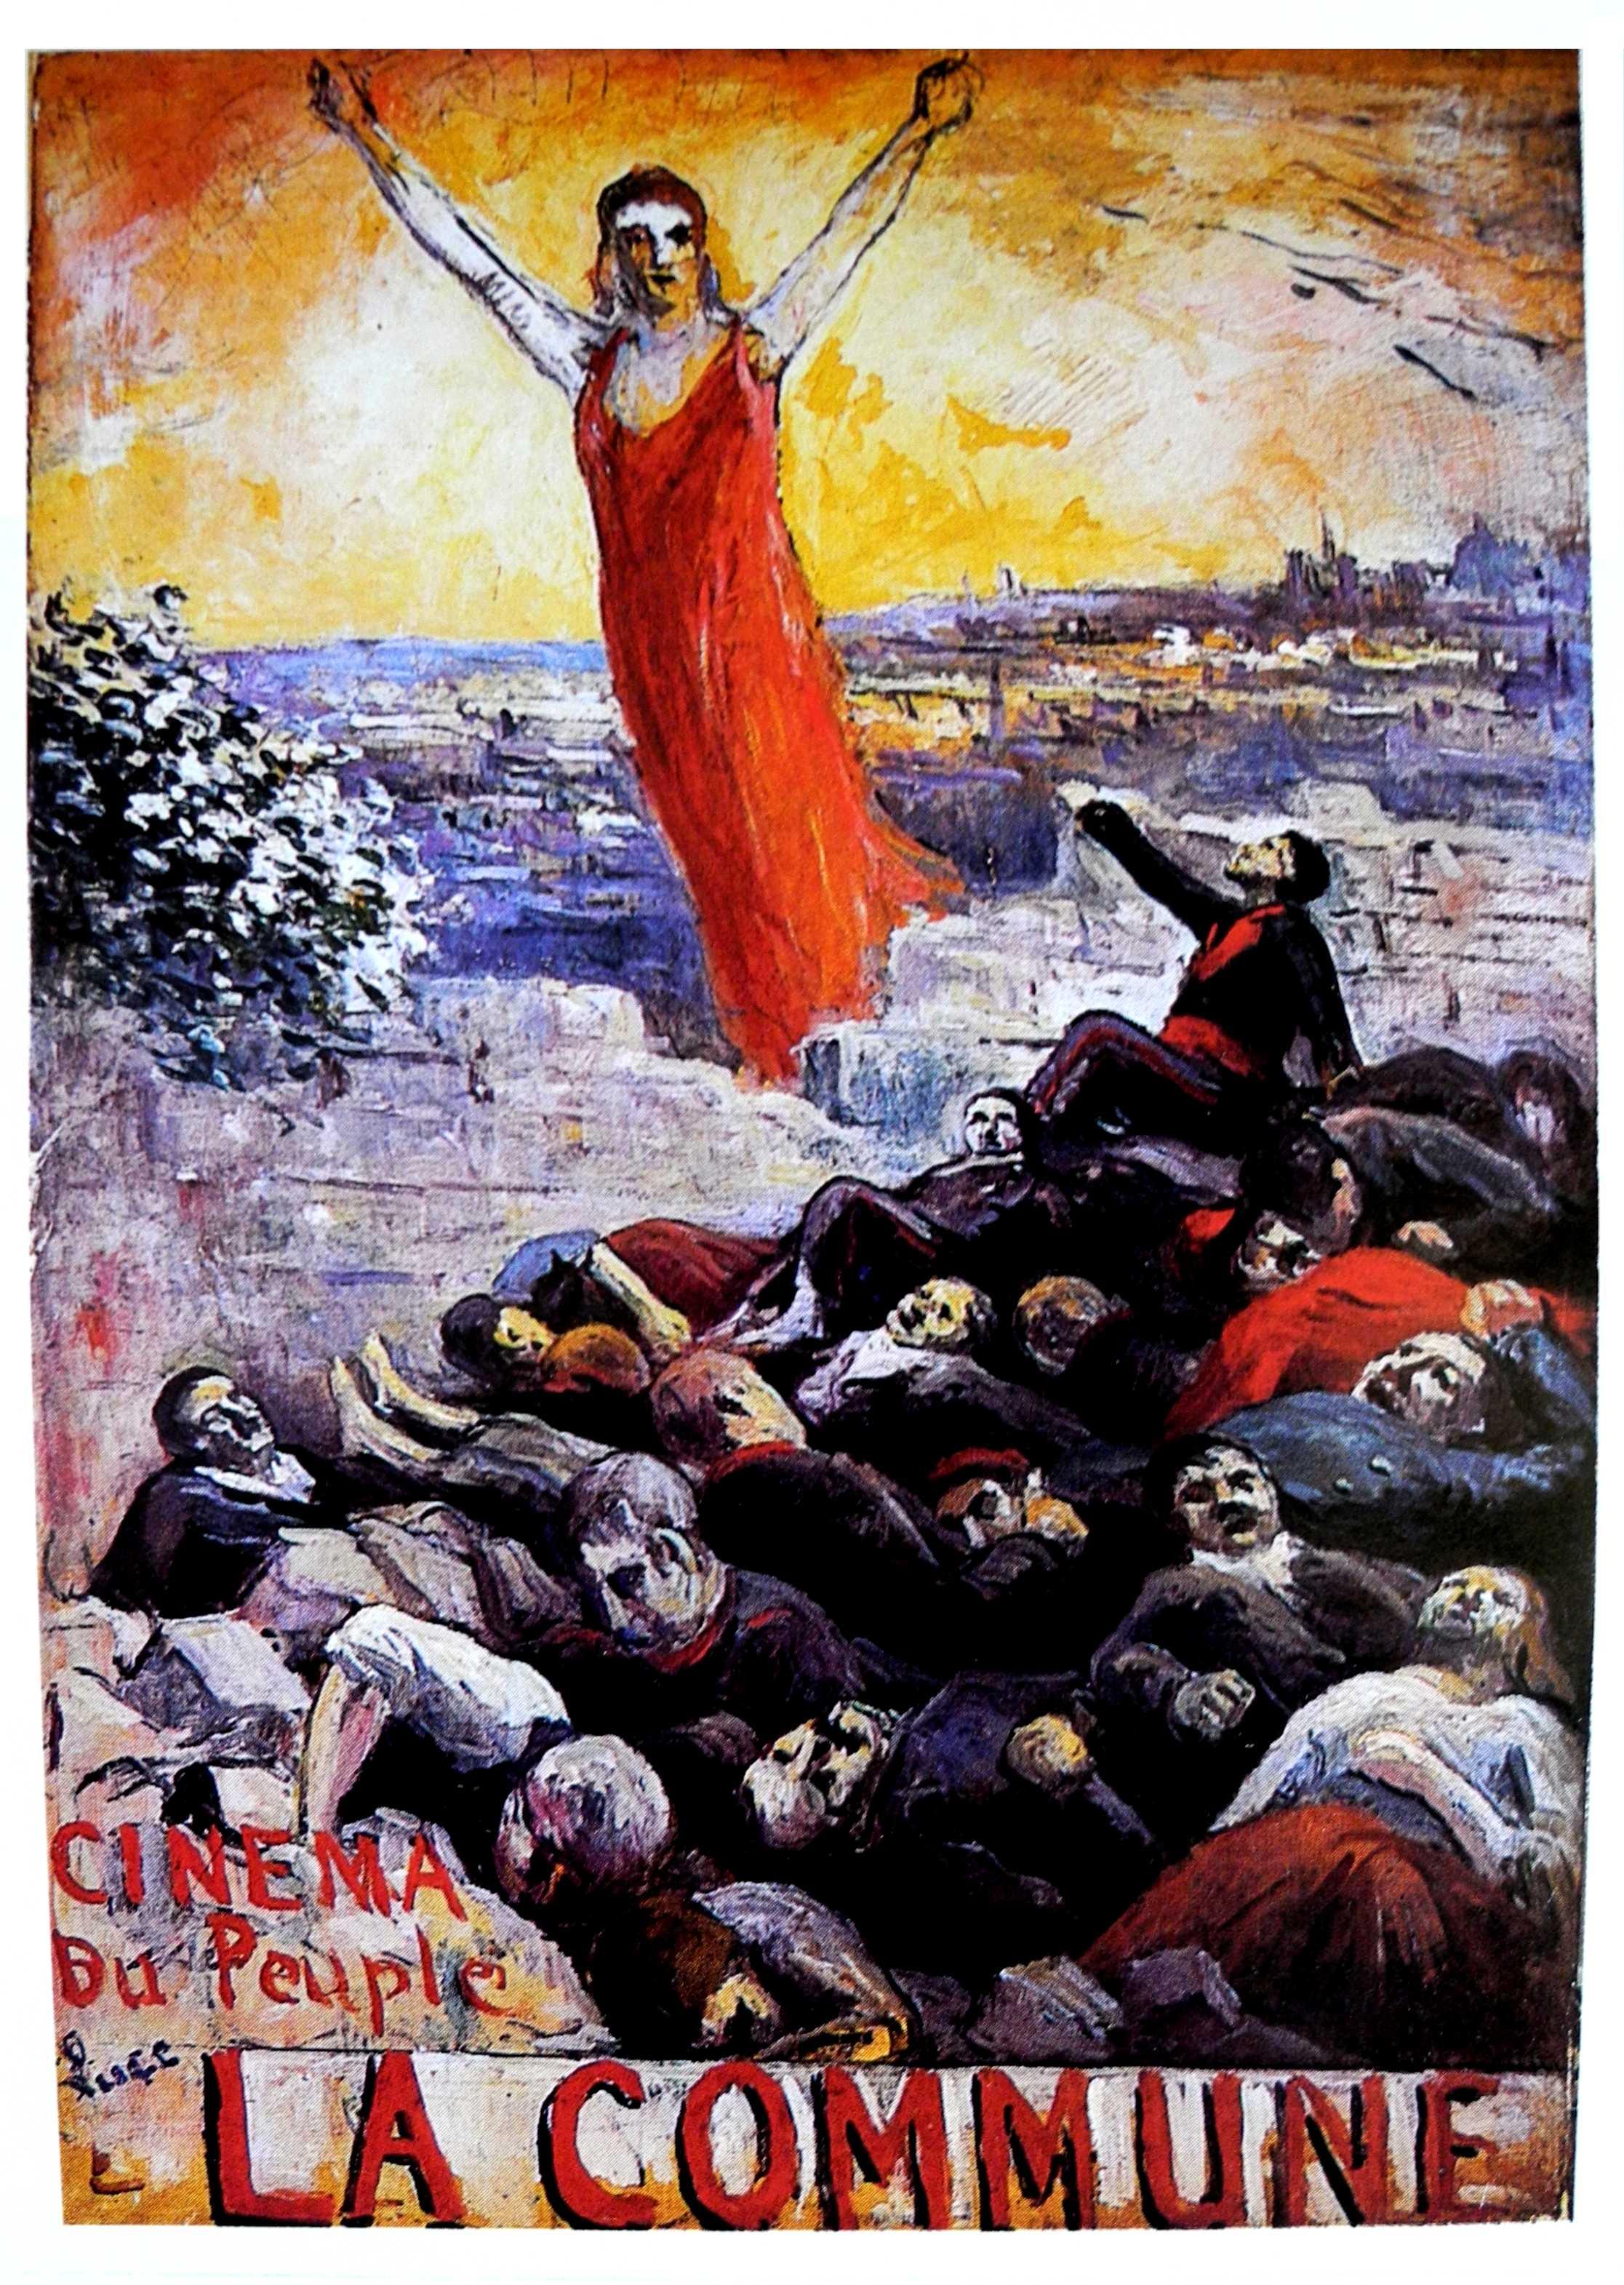 Cartell de la pel·lícula realitzat per Maximilien Luce